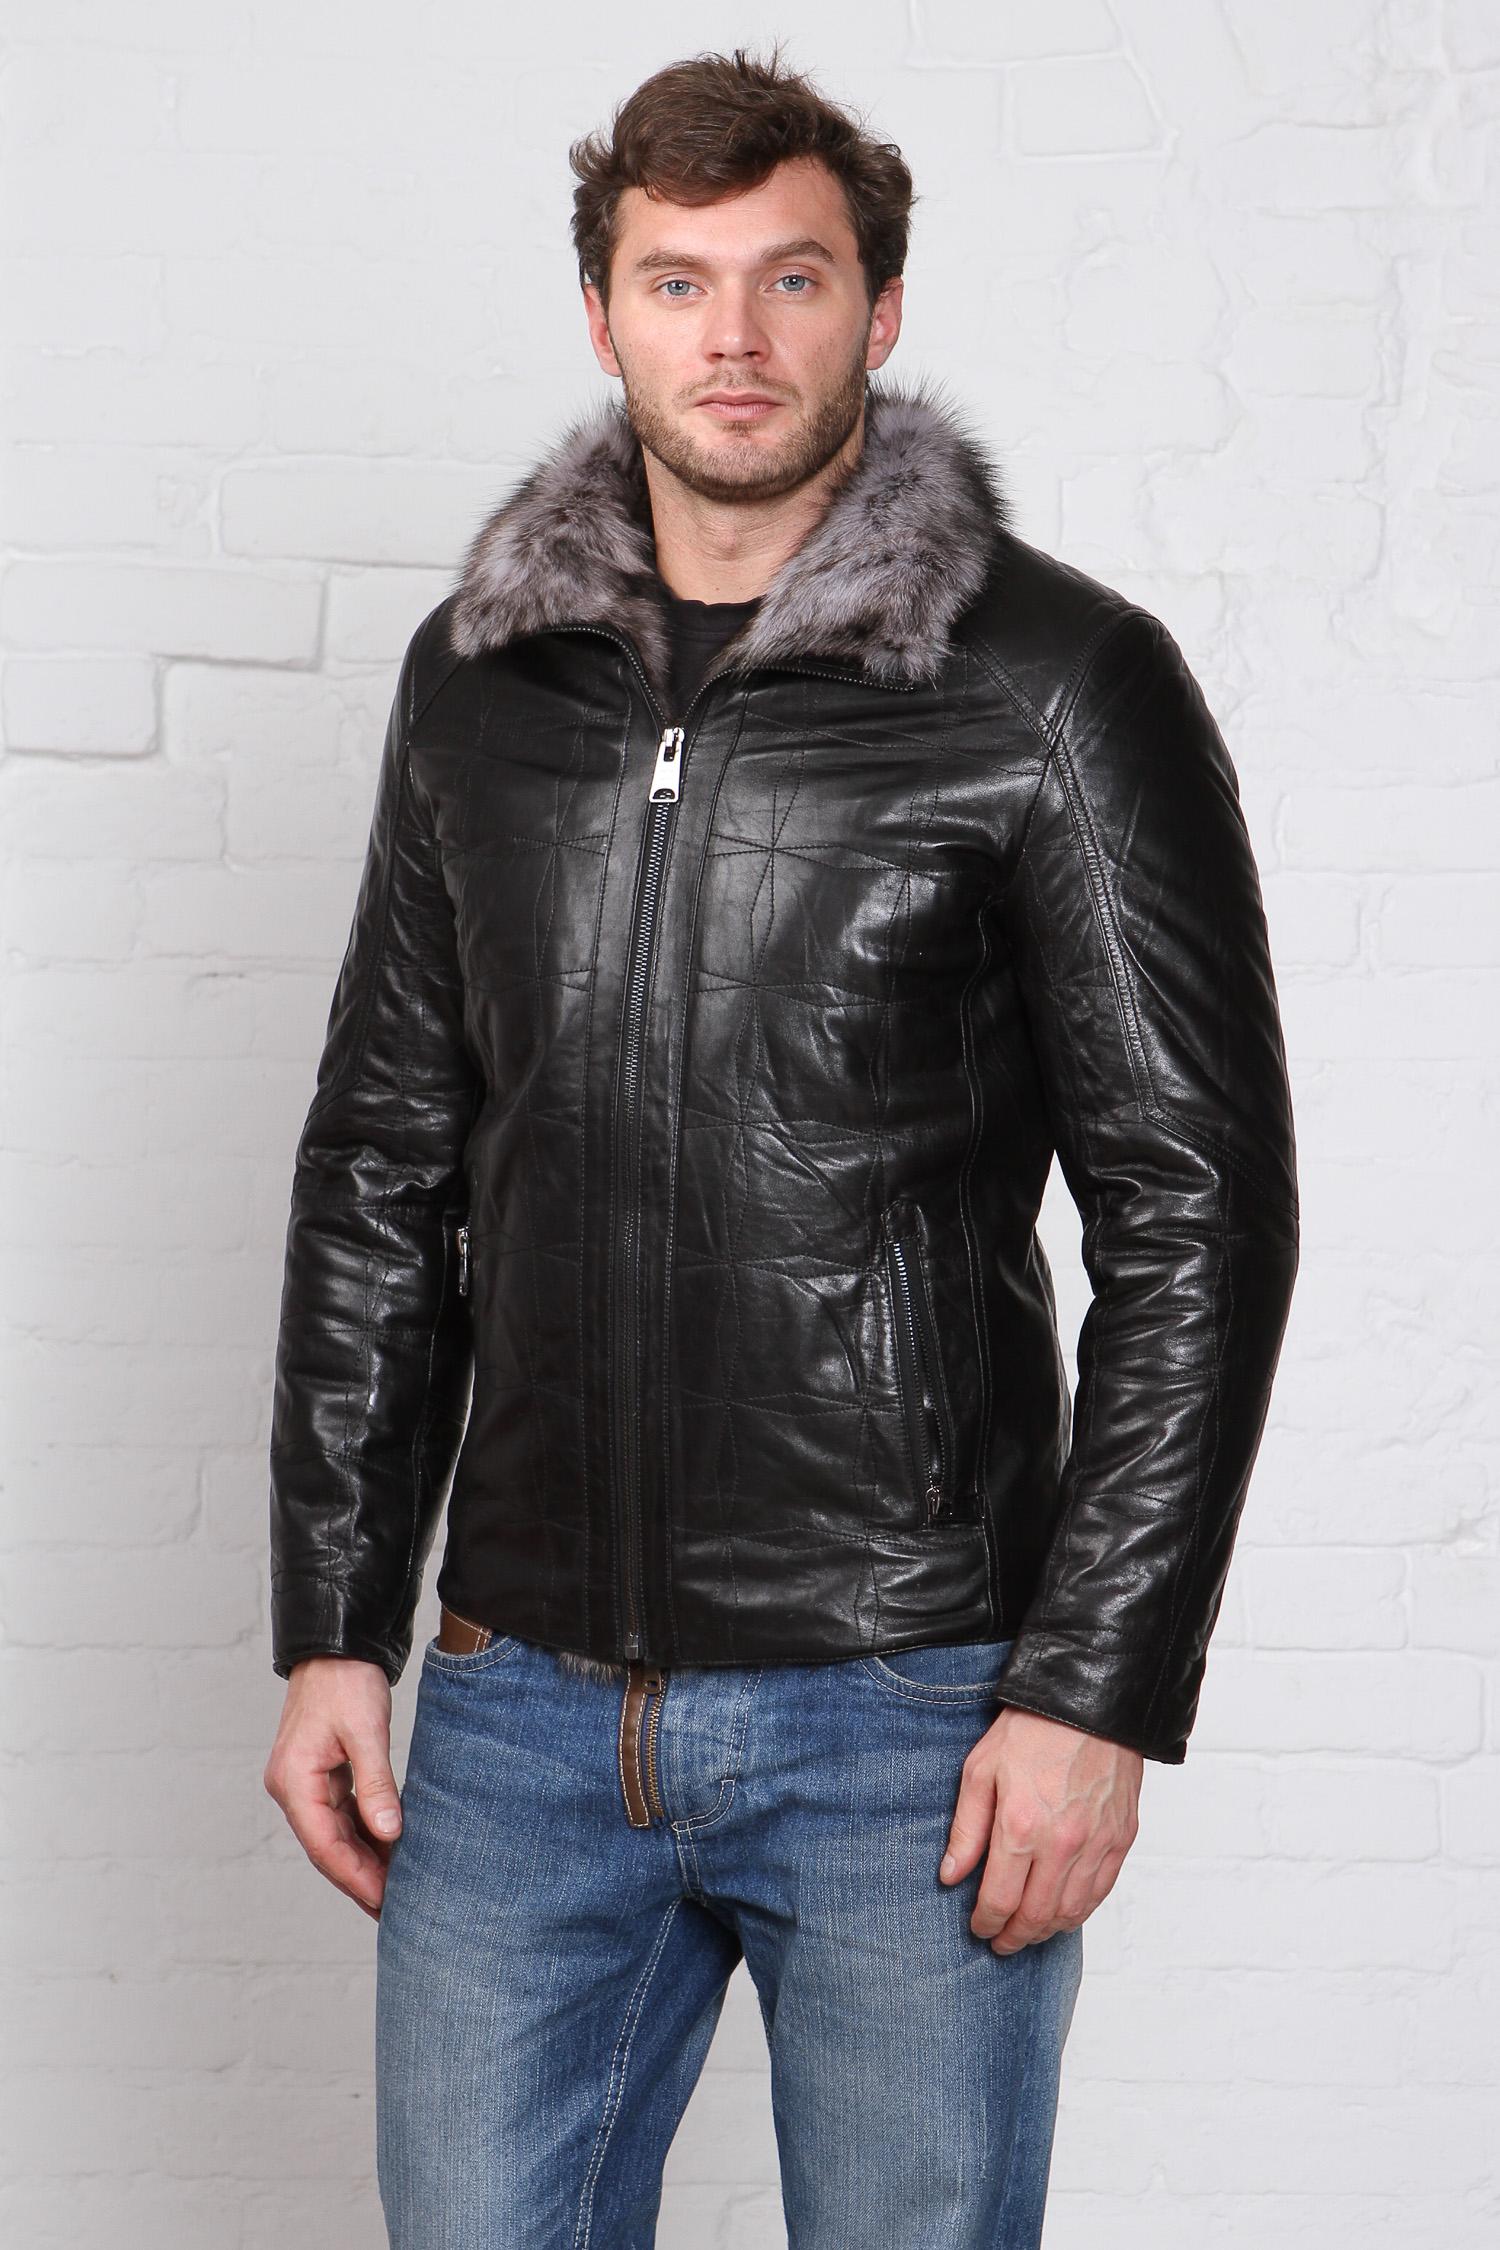 Мужская кожаная куртка из натуральной кожи на меху с воротником, отделка тоскана<br><br>Воротник: отложной<br>Длина см: Короткая (51-74 )<br>Материал: Кожа овчина<br>Цвет: черный<br>Вид застежки: центральная<br>Застежка: на молнии<br>Пол: Мужской<br>Размер RU: 58